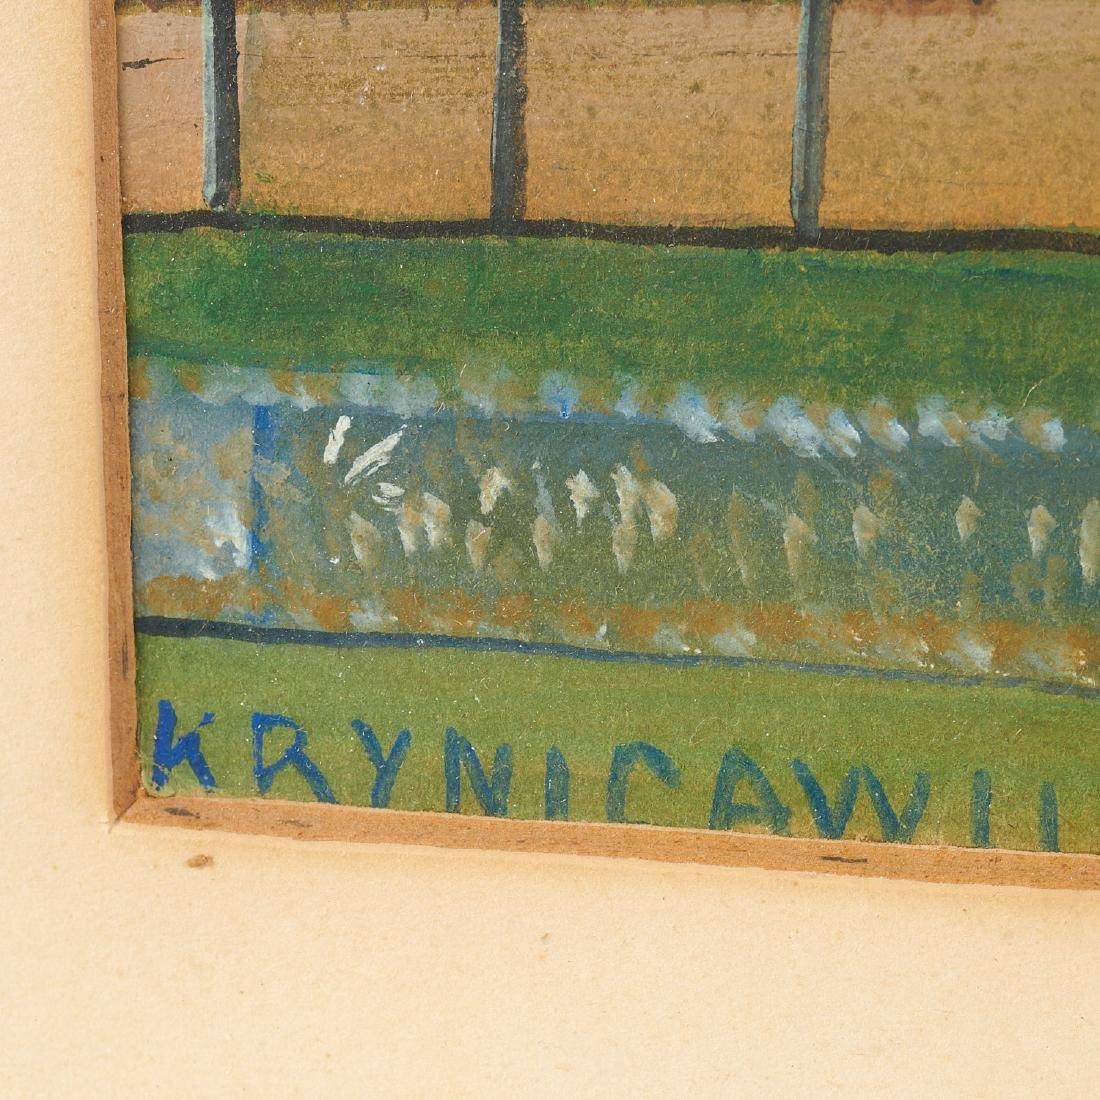 Nikifor Krynicki, View from Krynica - 6